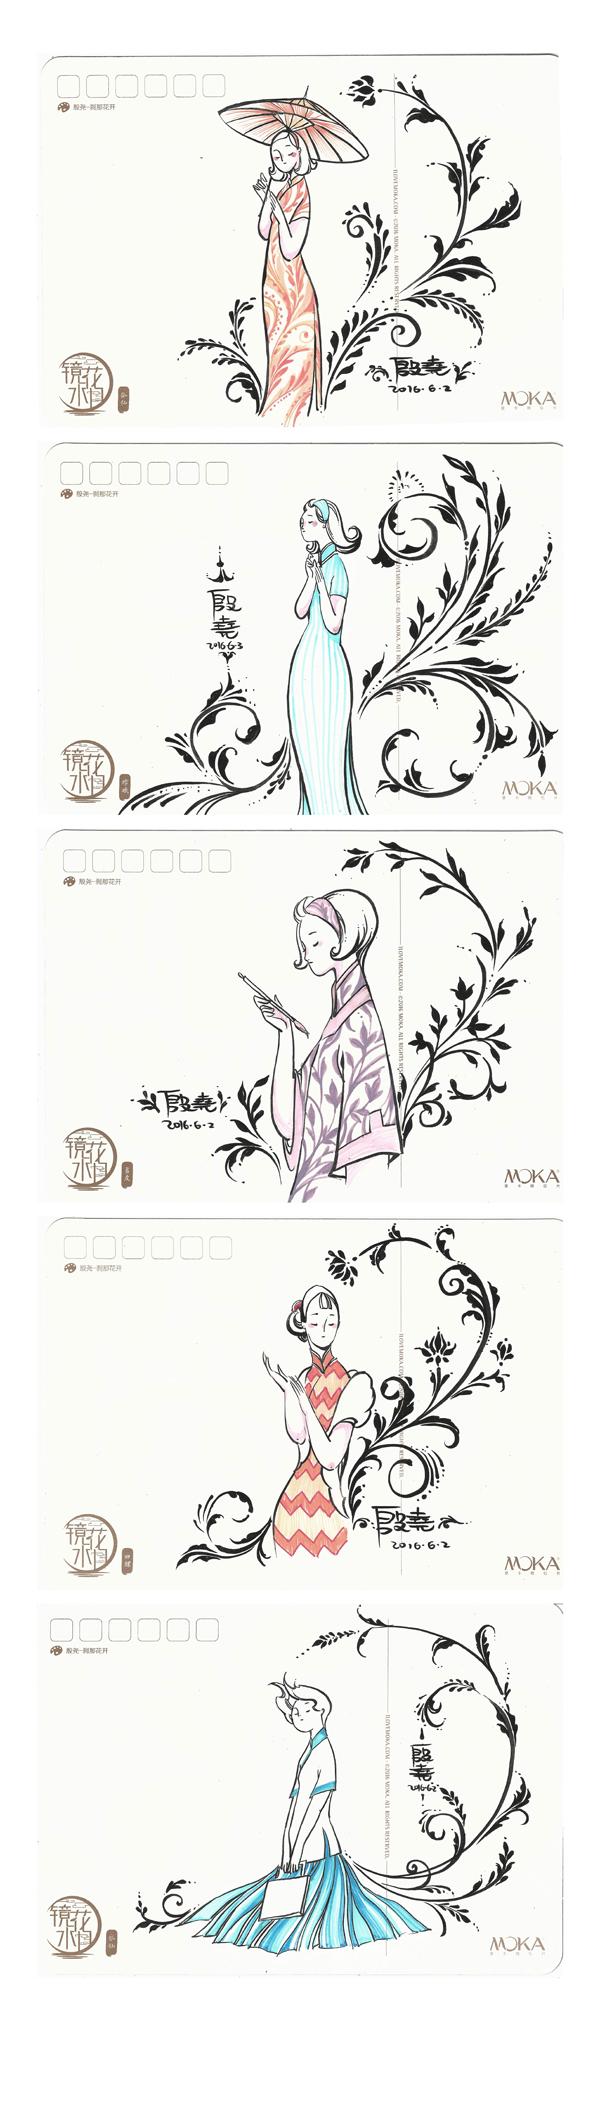 查看《【镜花水月】主题明信片》原图,原图尺寸:600x2110